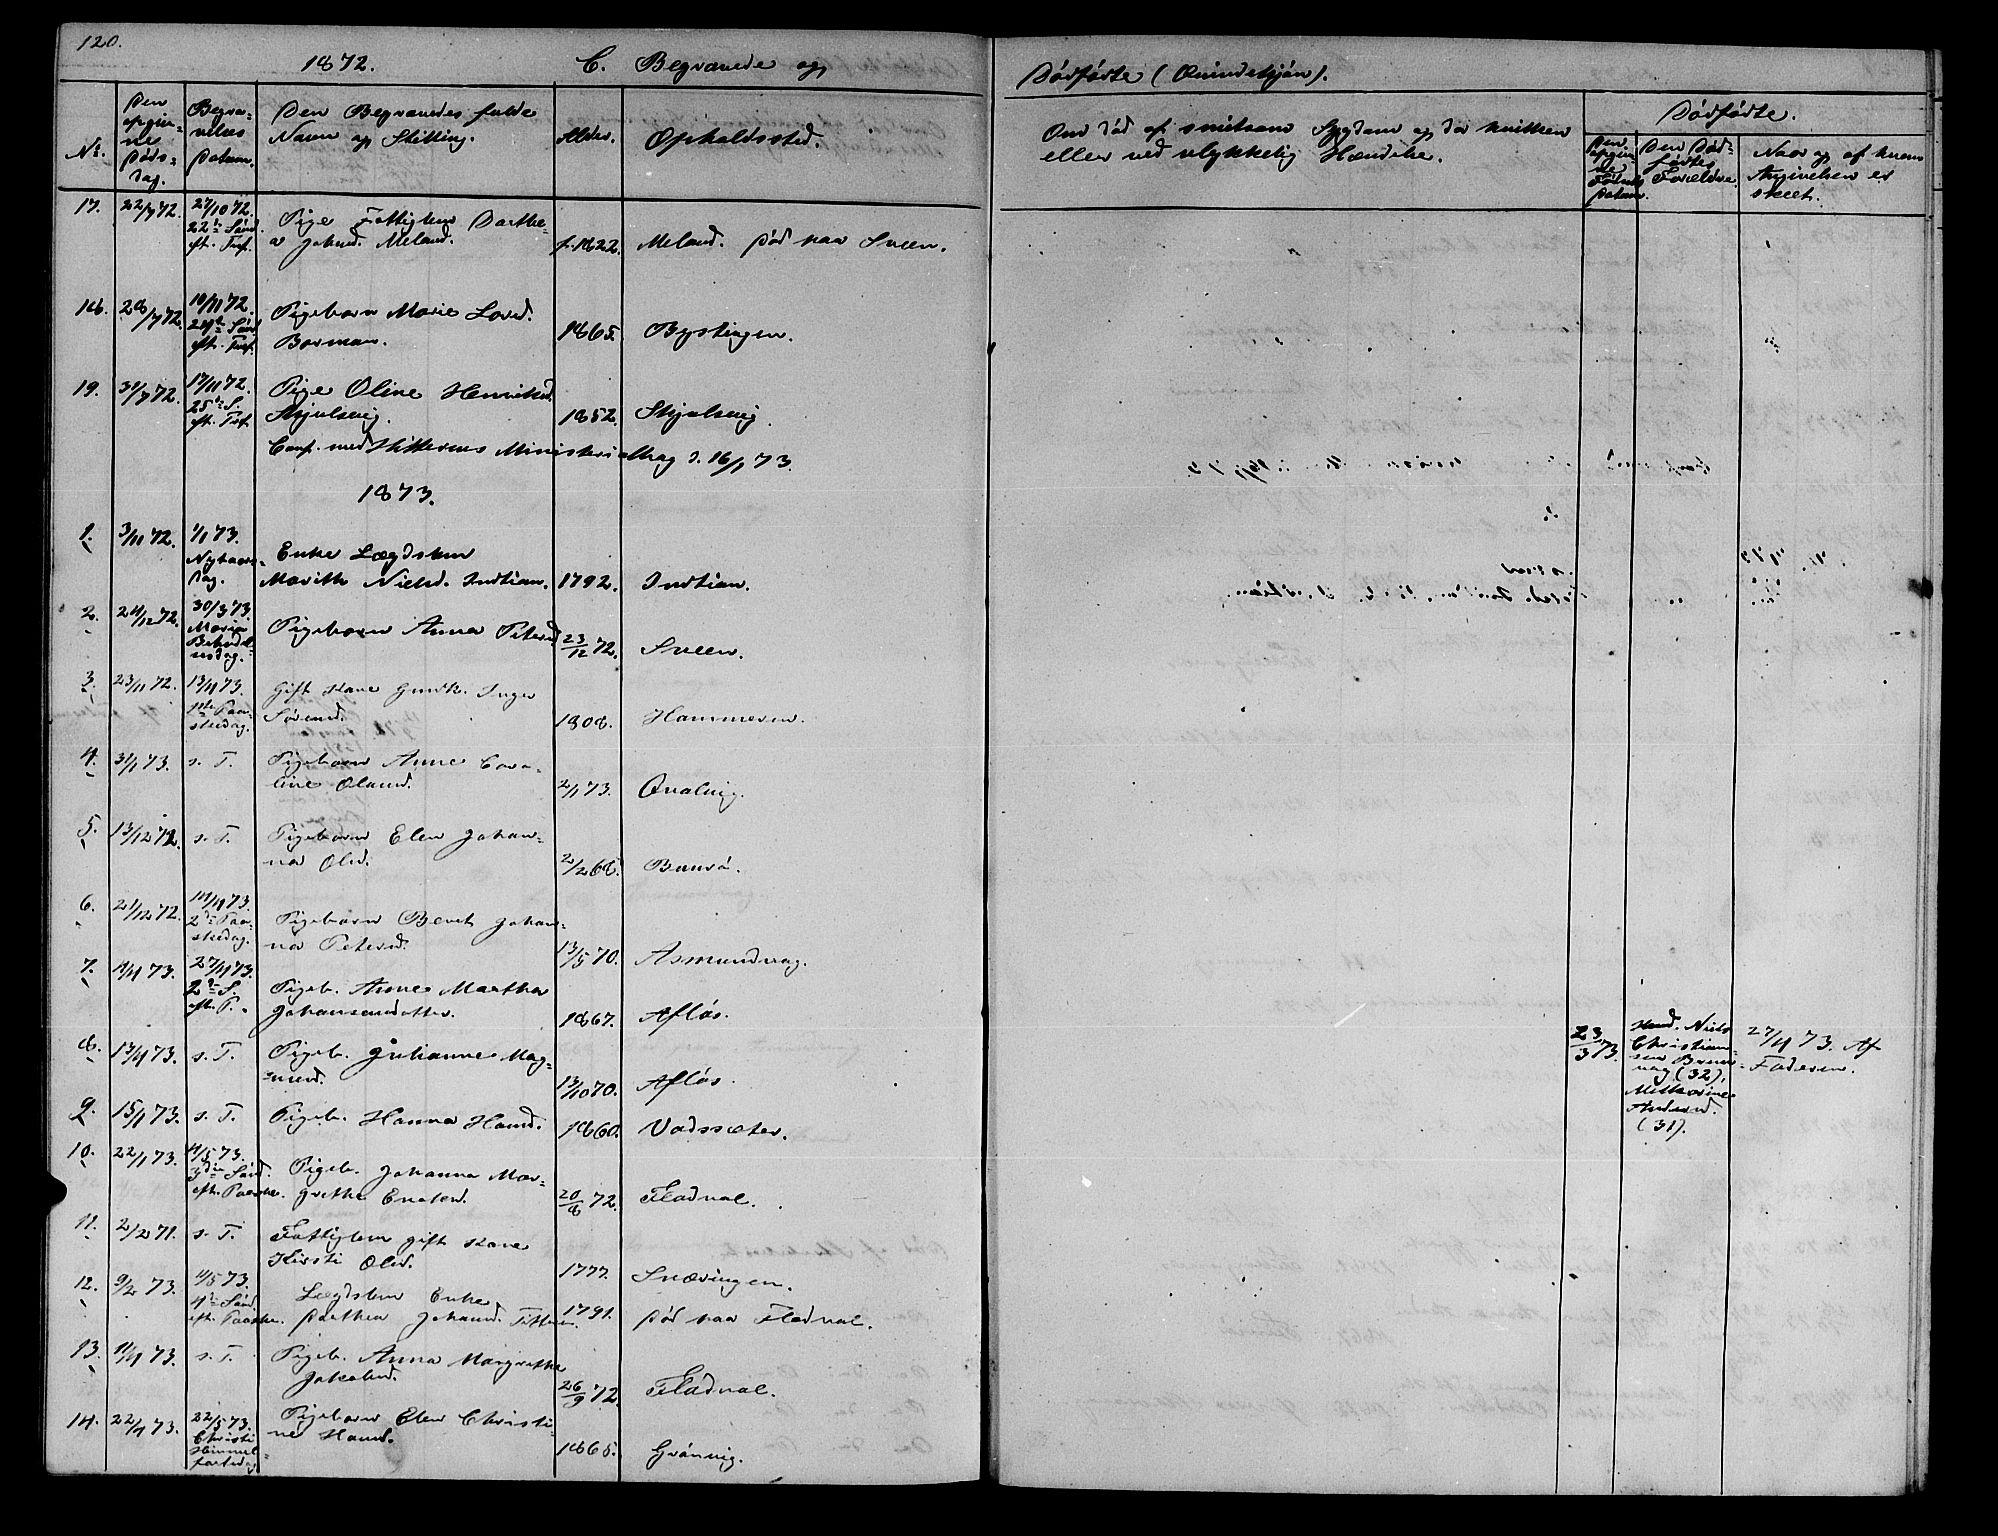 SAT, Ministerialprotokoller, klokkerbøker og fødselsregistre - Sør-Trøndelag, 634/L0539: Klokkerbok nr. 634C01, 1866-1873, s. 120